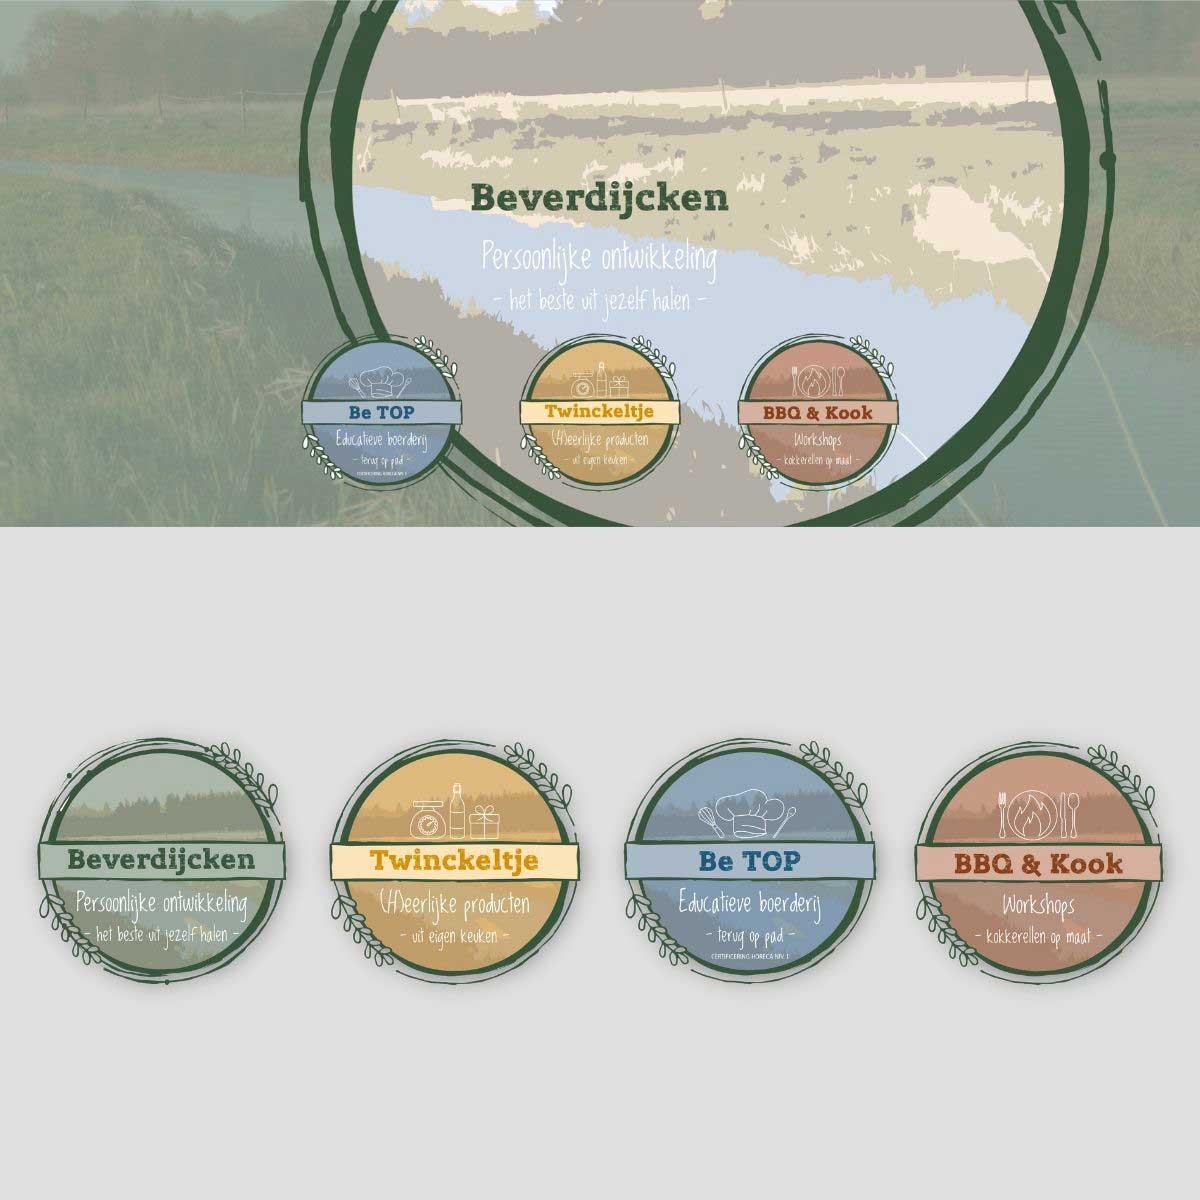 Logo ontwerp voor Beverdijcken, Twinckeltje, Be TOM, BBQ & Kook.